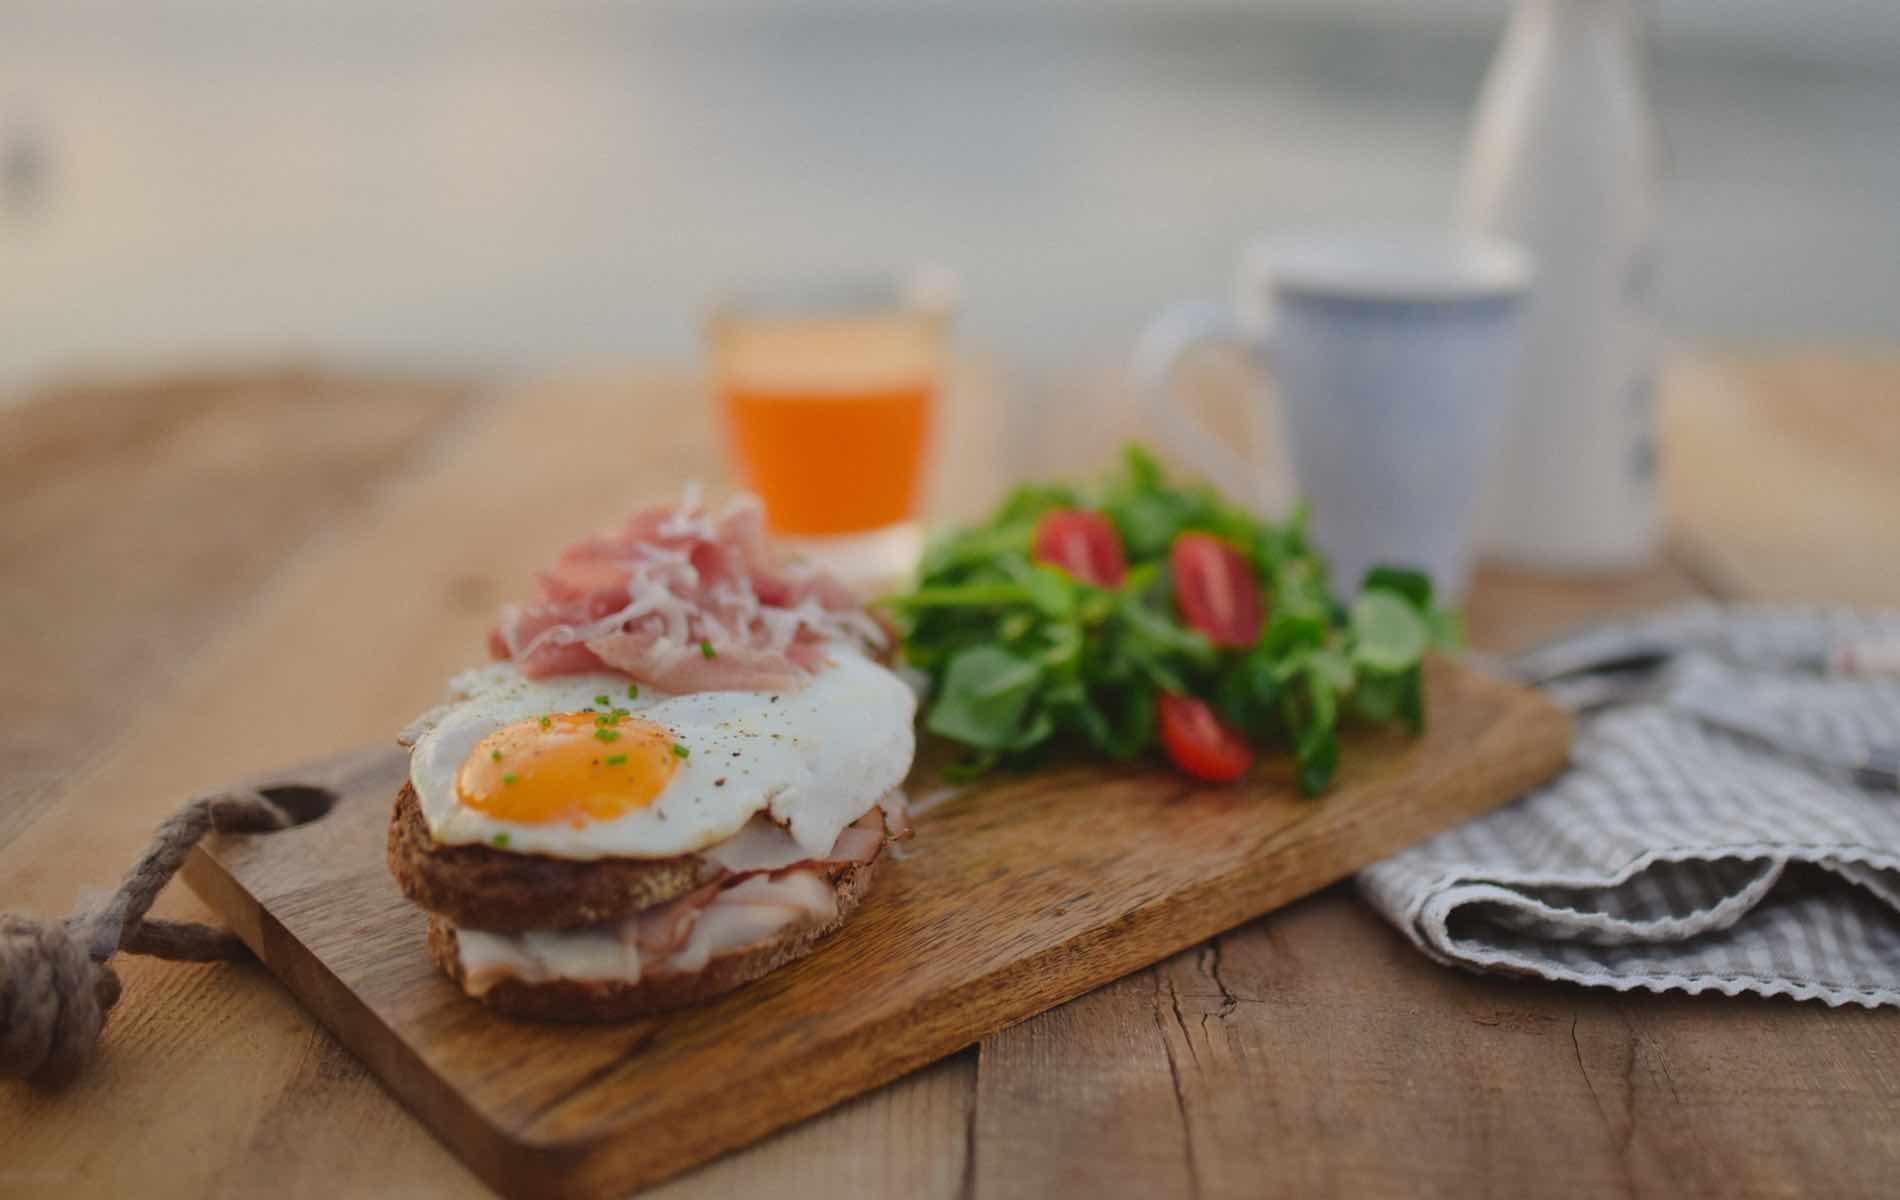 Σαντουιτς / Sandwiches